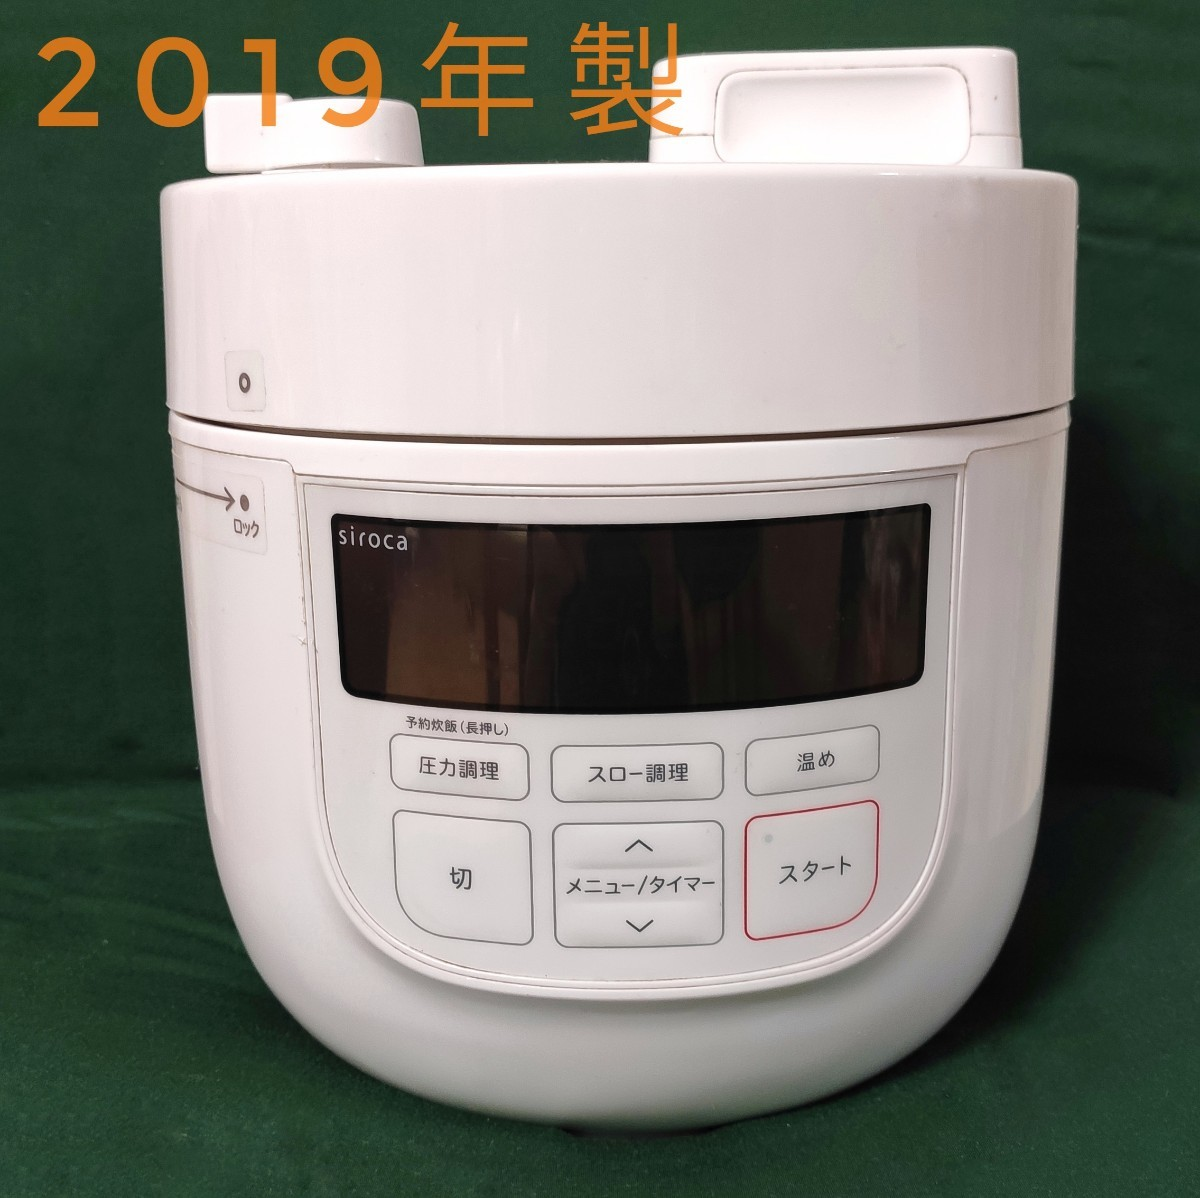 シロカ電気圧力鍋 2L siroca SP-D131